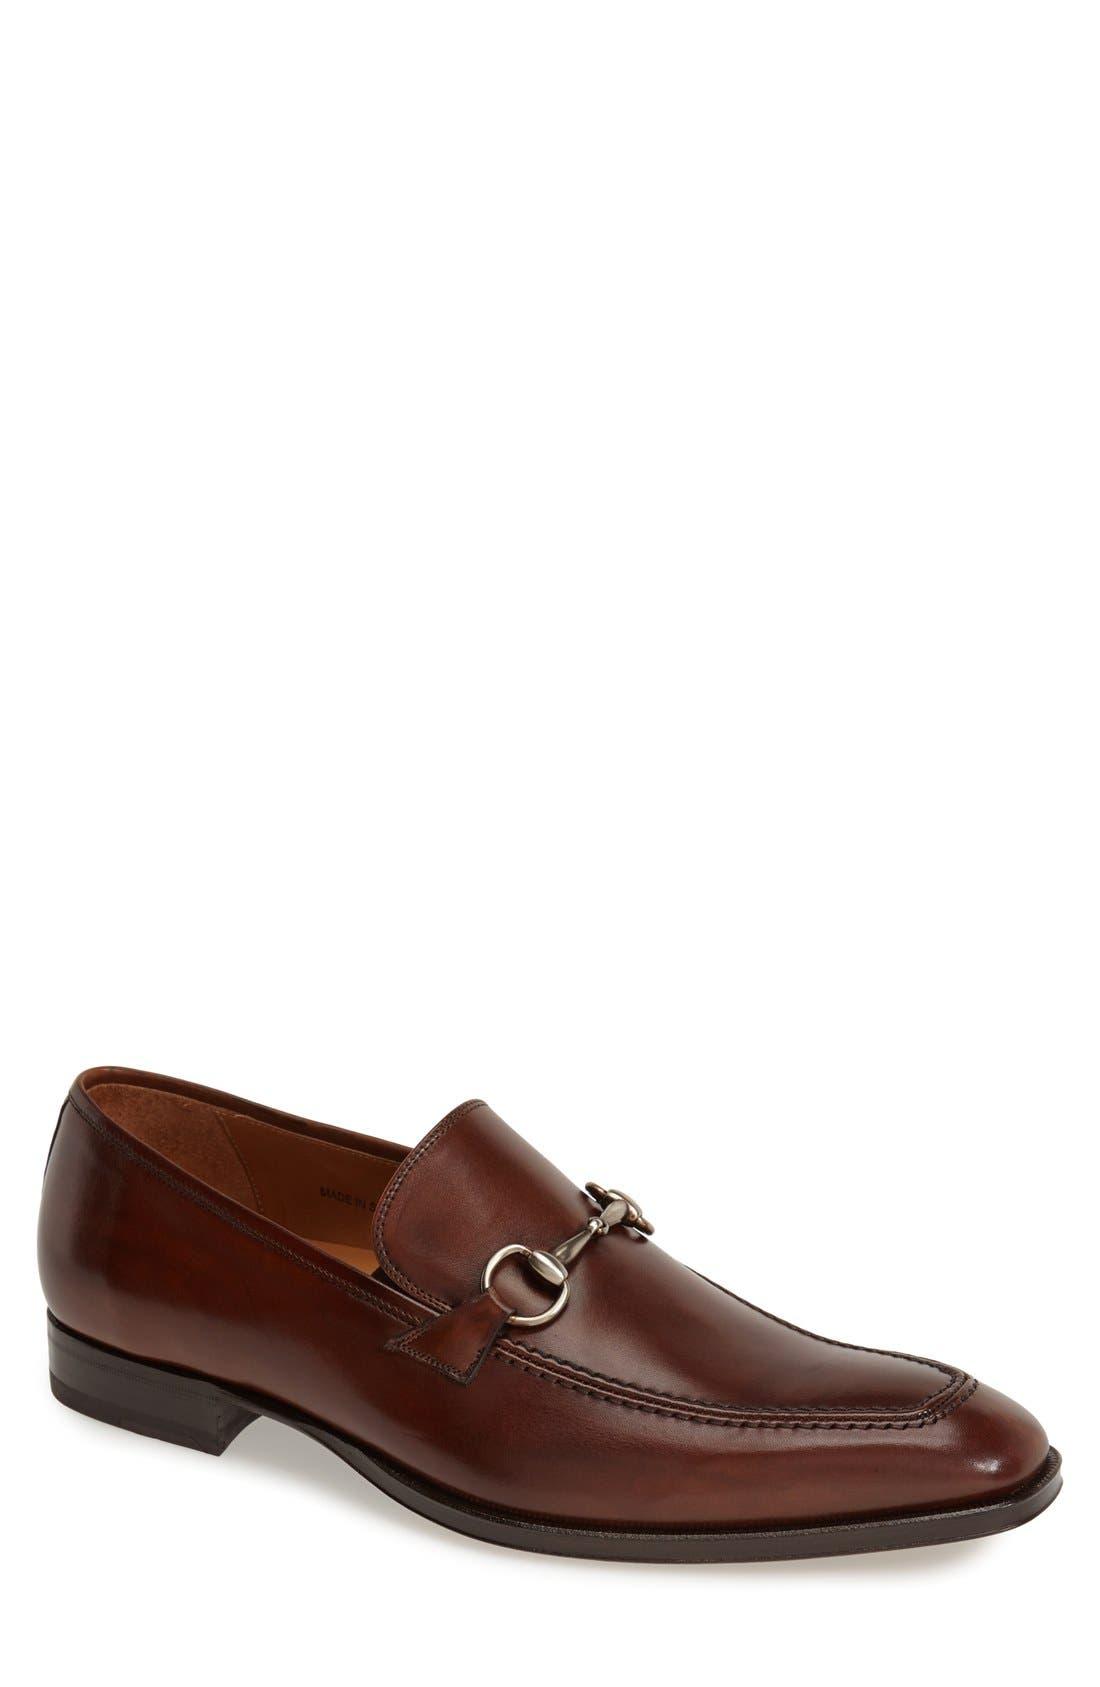 'Tours' Leather Bit Loafer,                         Main,                         color, Cognac